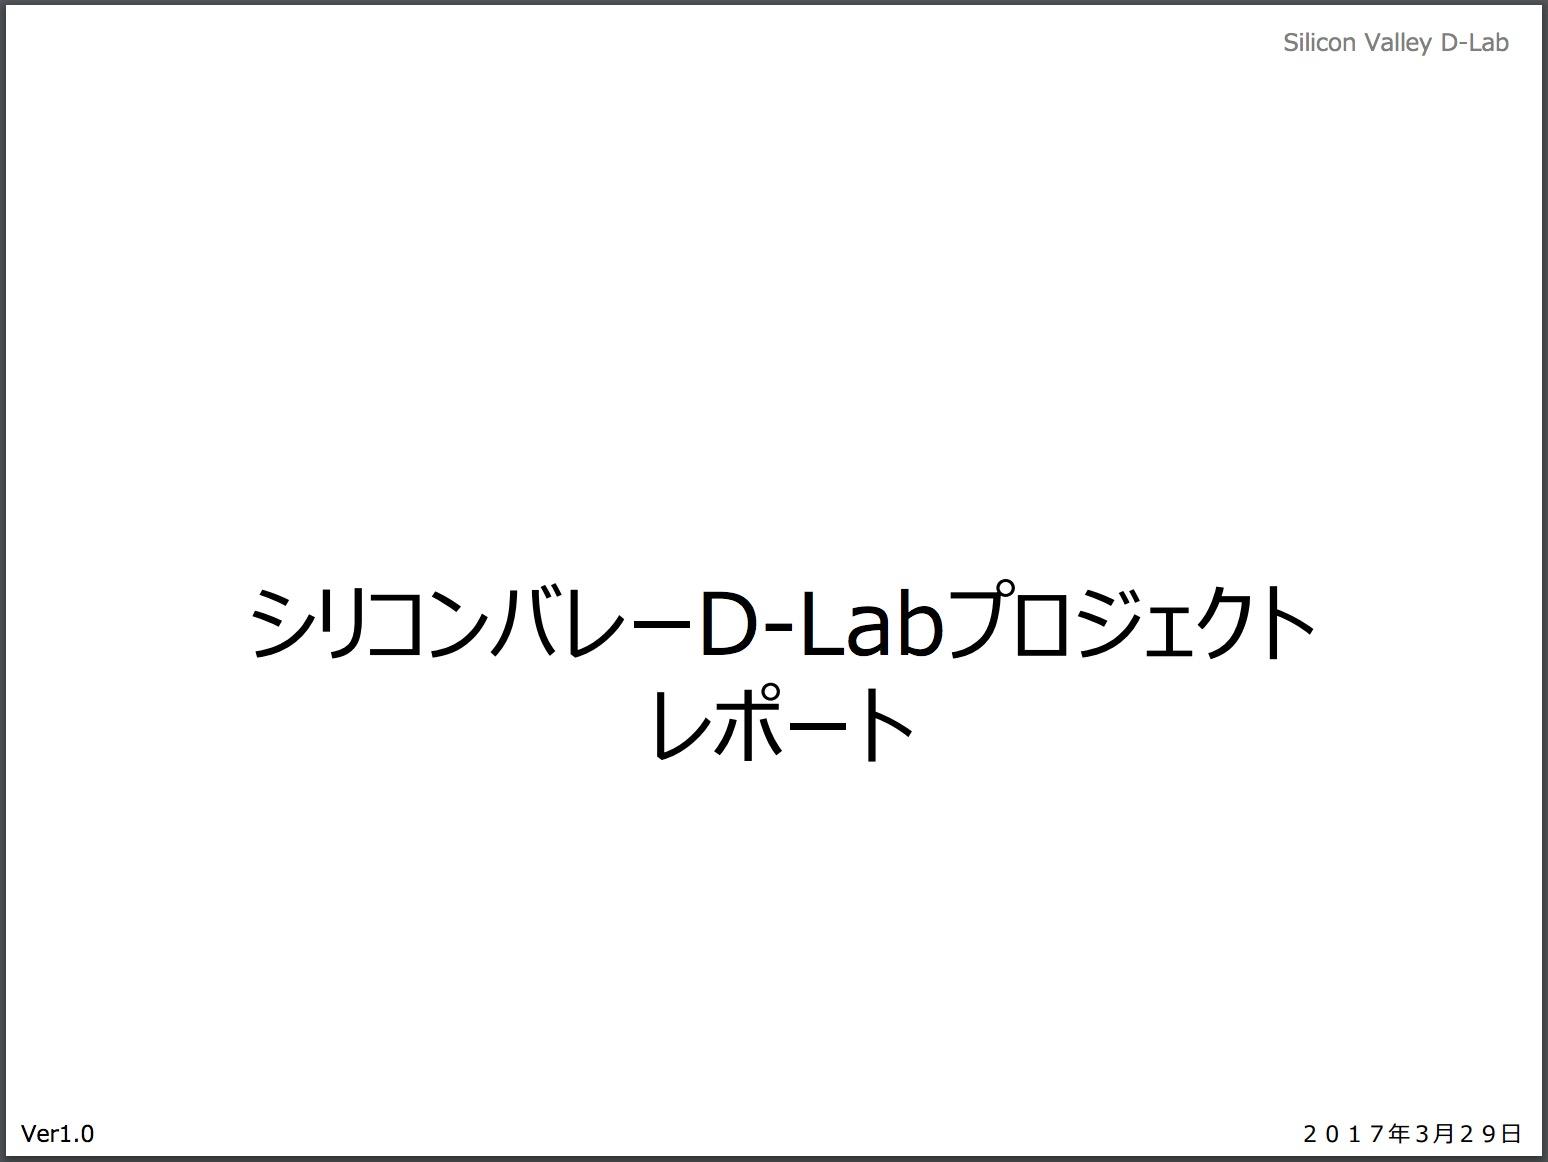 シリコンバレーD-Labプロジェクトレポート(Ver1.0)